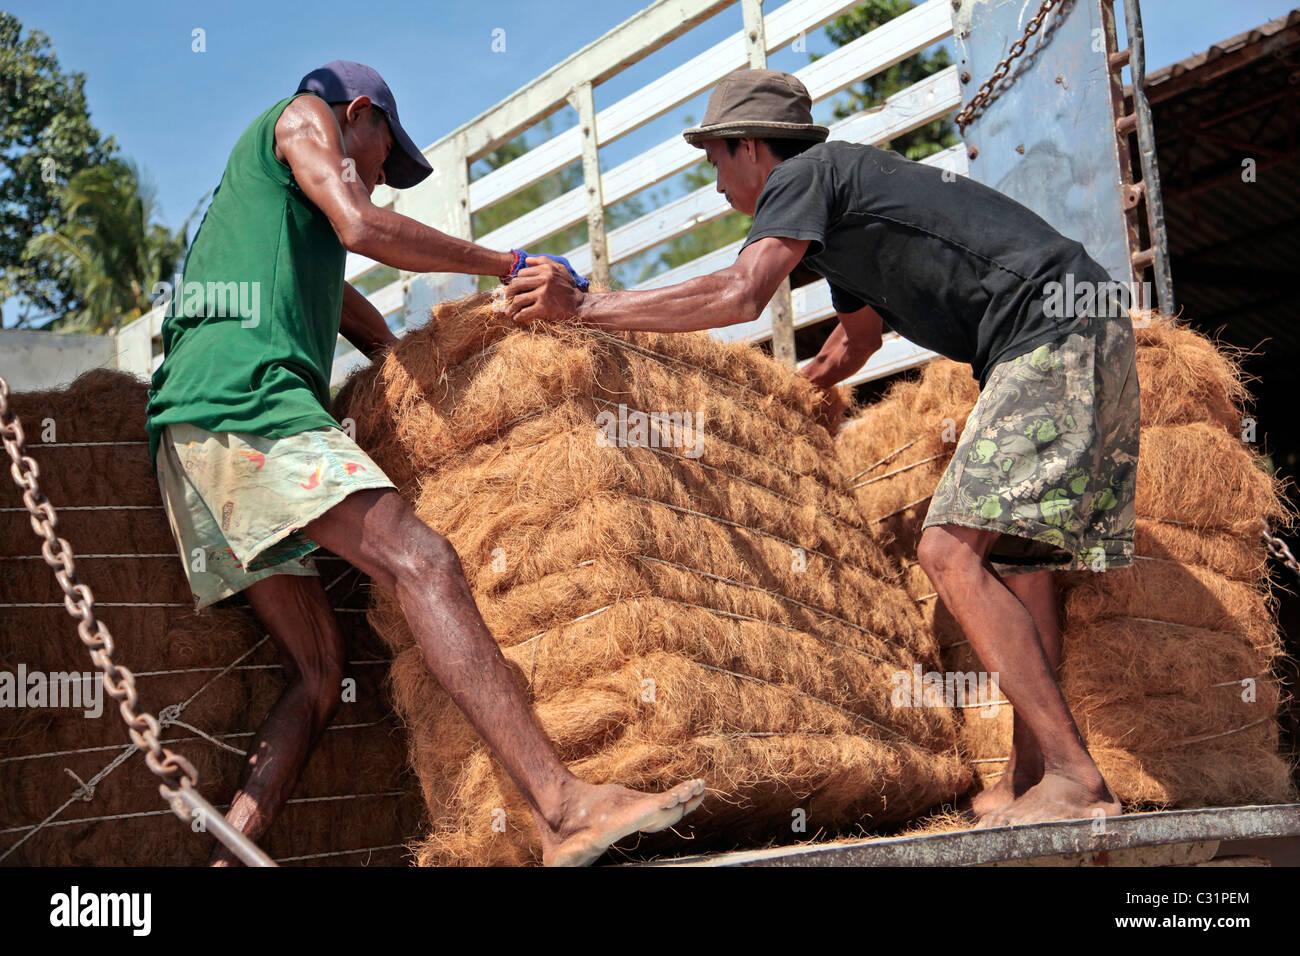 Scarico del bushel, produzione di le fibre di cocco utilizzate nella realizzazione di materassi, BANG SAPHAN, Thailandia, Immagini Stock